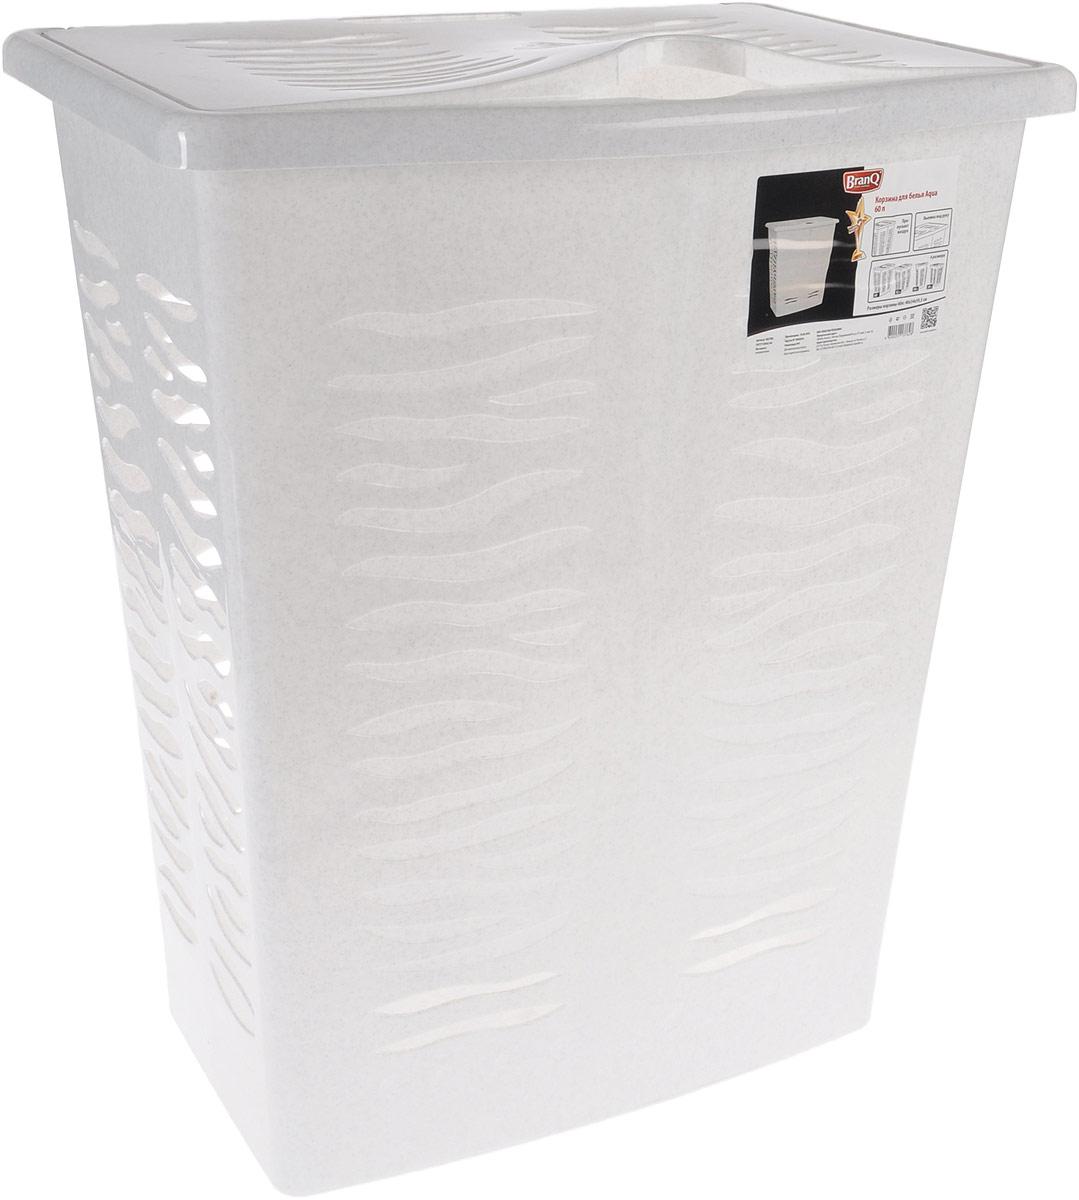 Корзина для белья BranQ Aqua, цвет: мраморный, 60 л391602Корзина для белья BranQ Aqua изготовлена из прочного полипропилена и оформлена перфорированными отверстиями, благодаря которым обеспечивается естественная вентиляция. Корзина оснащена крышкой и ручкой для переноски. На крышке имеется выемка для удобного открывания крышки. Такая корзина для белья прекрасно впишется в интерьер ванной комнаты.